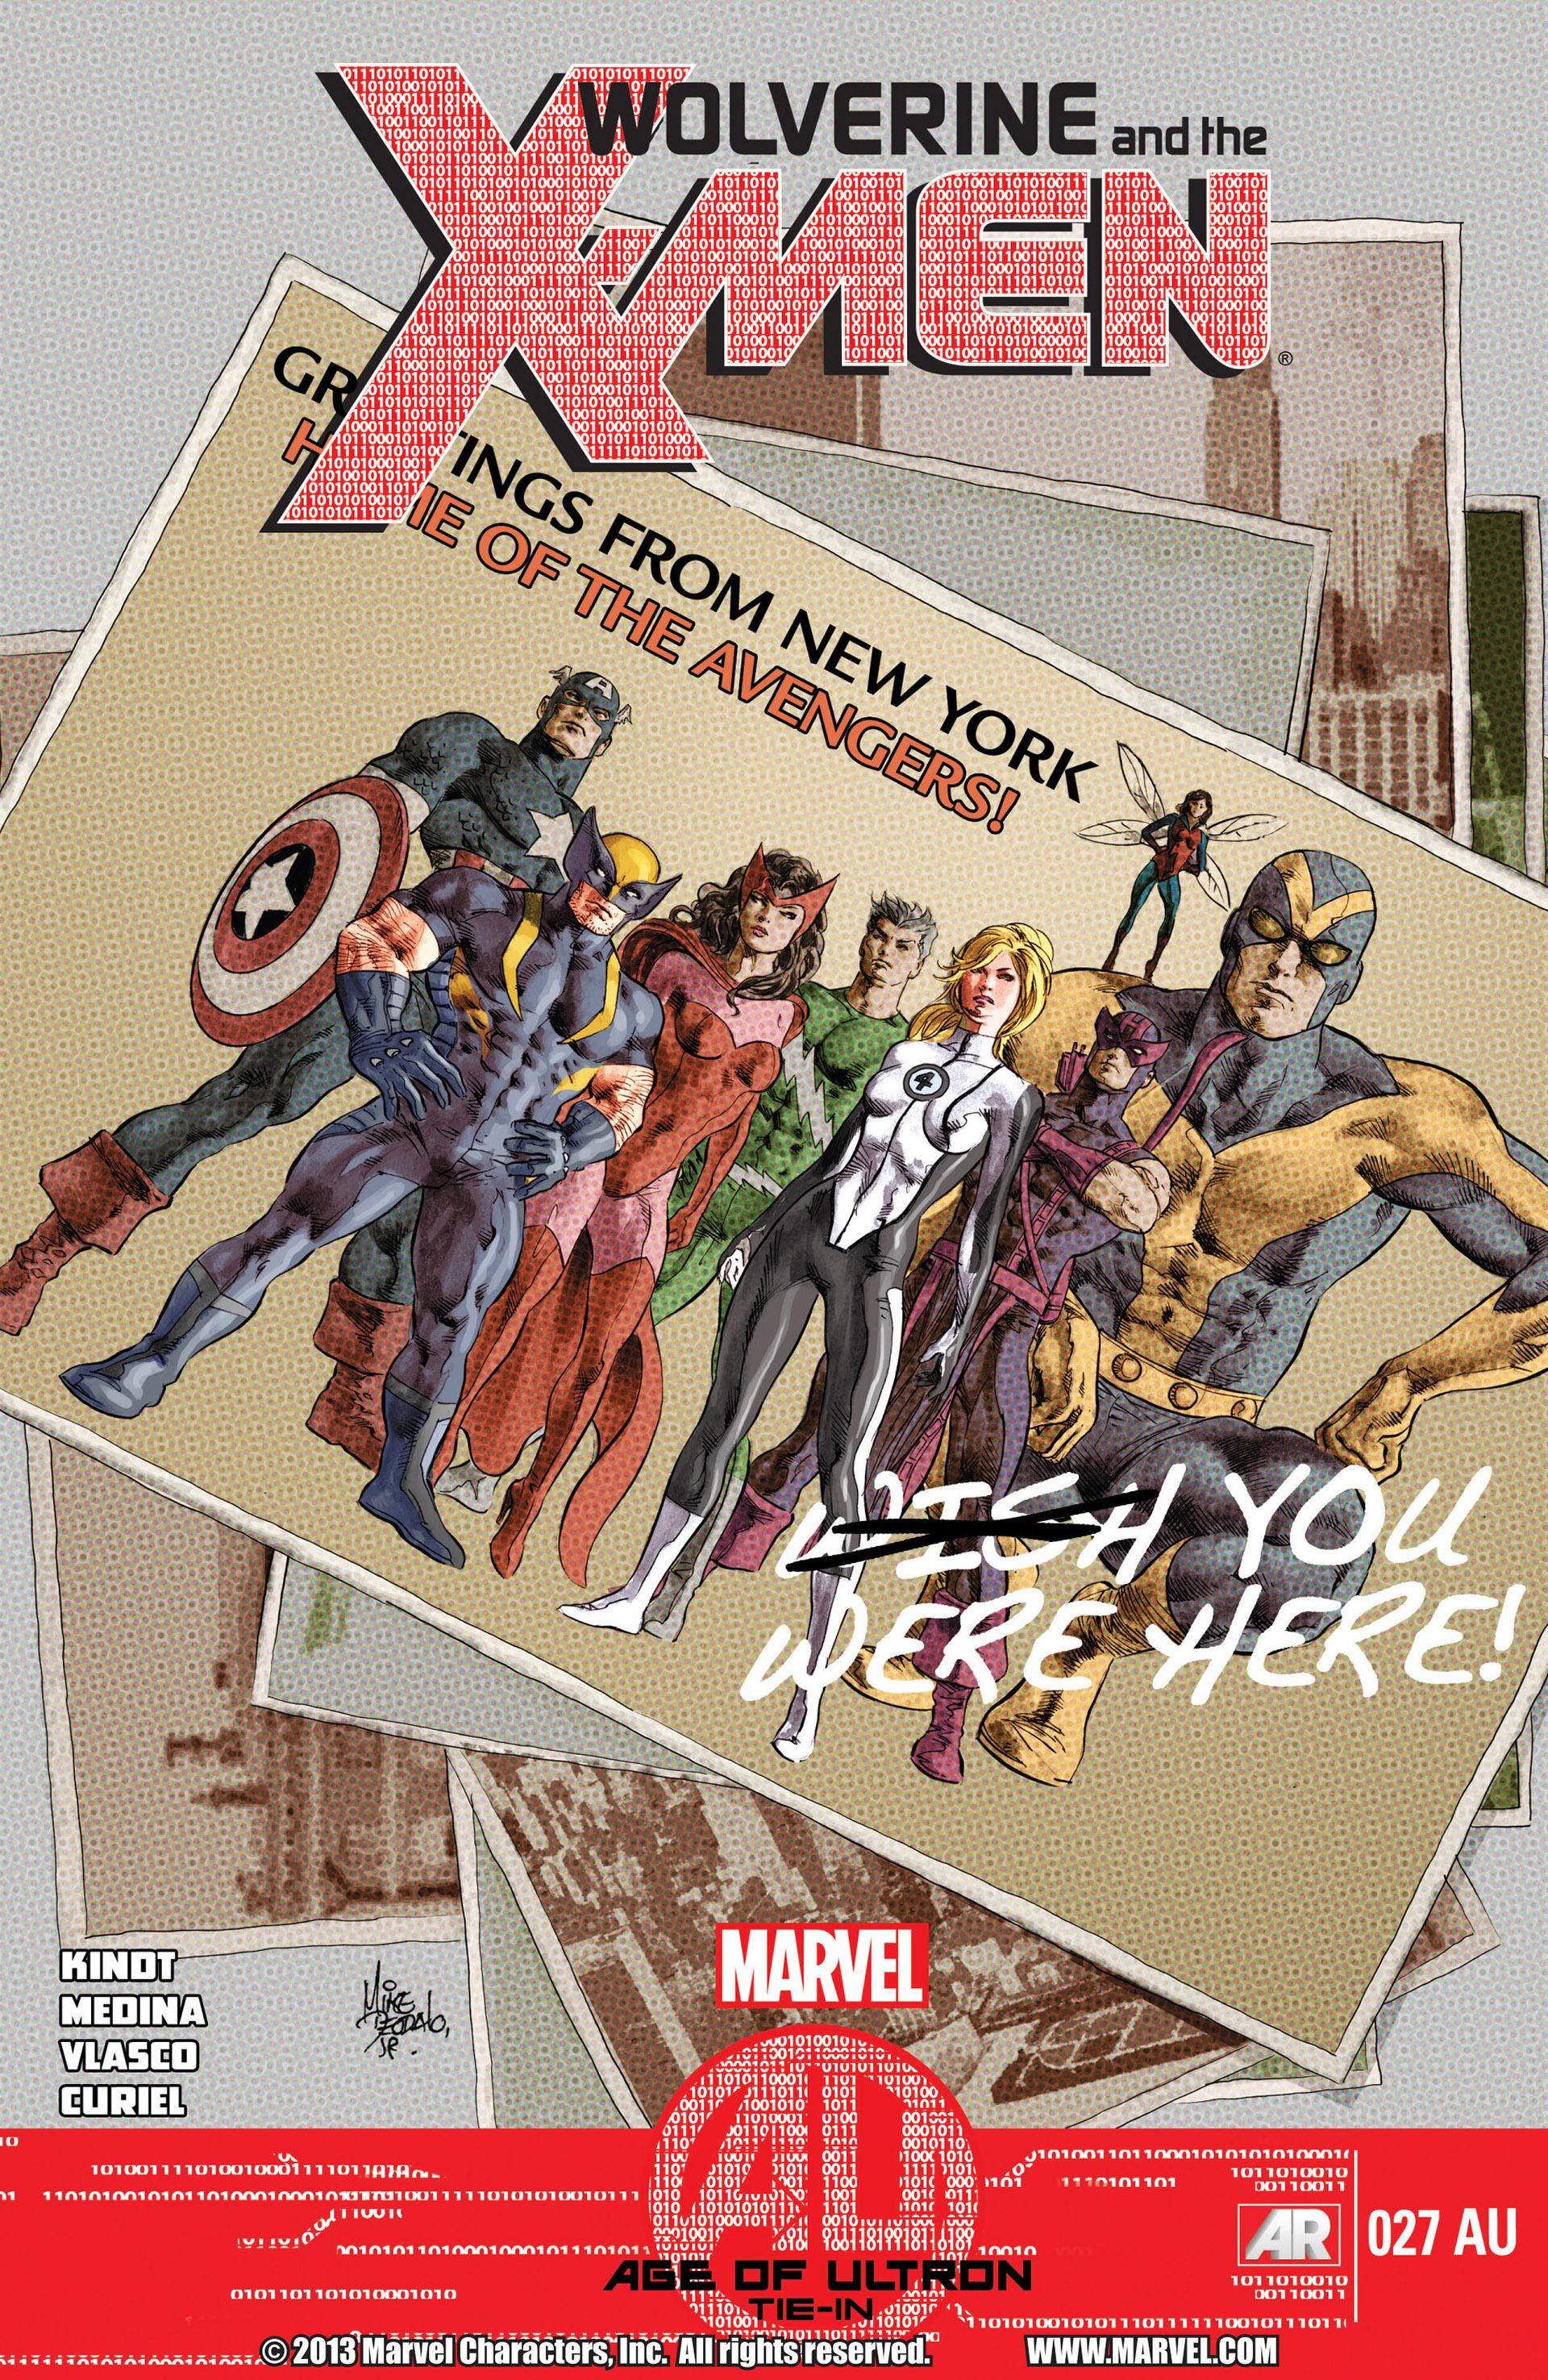 Wolverine & The X-Men 27AU Page 1